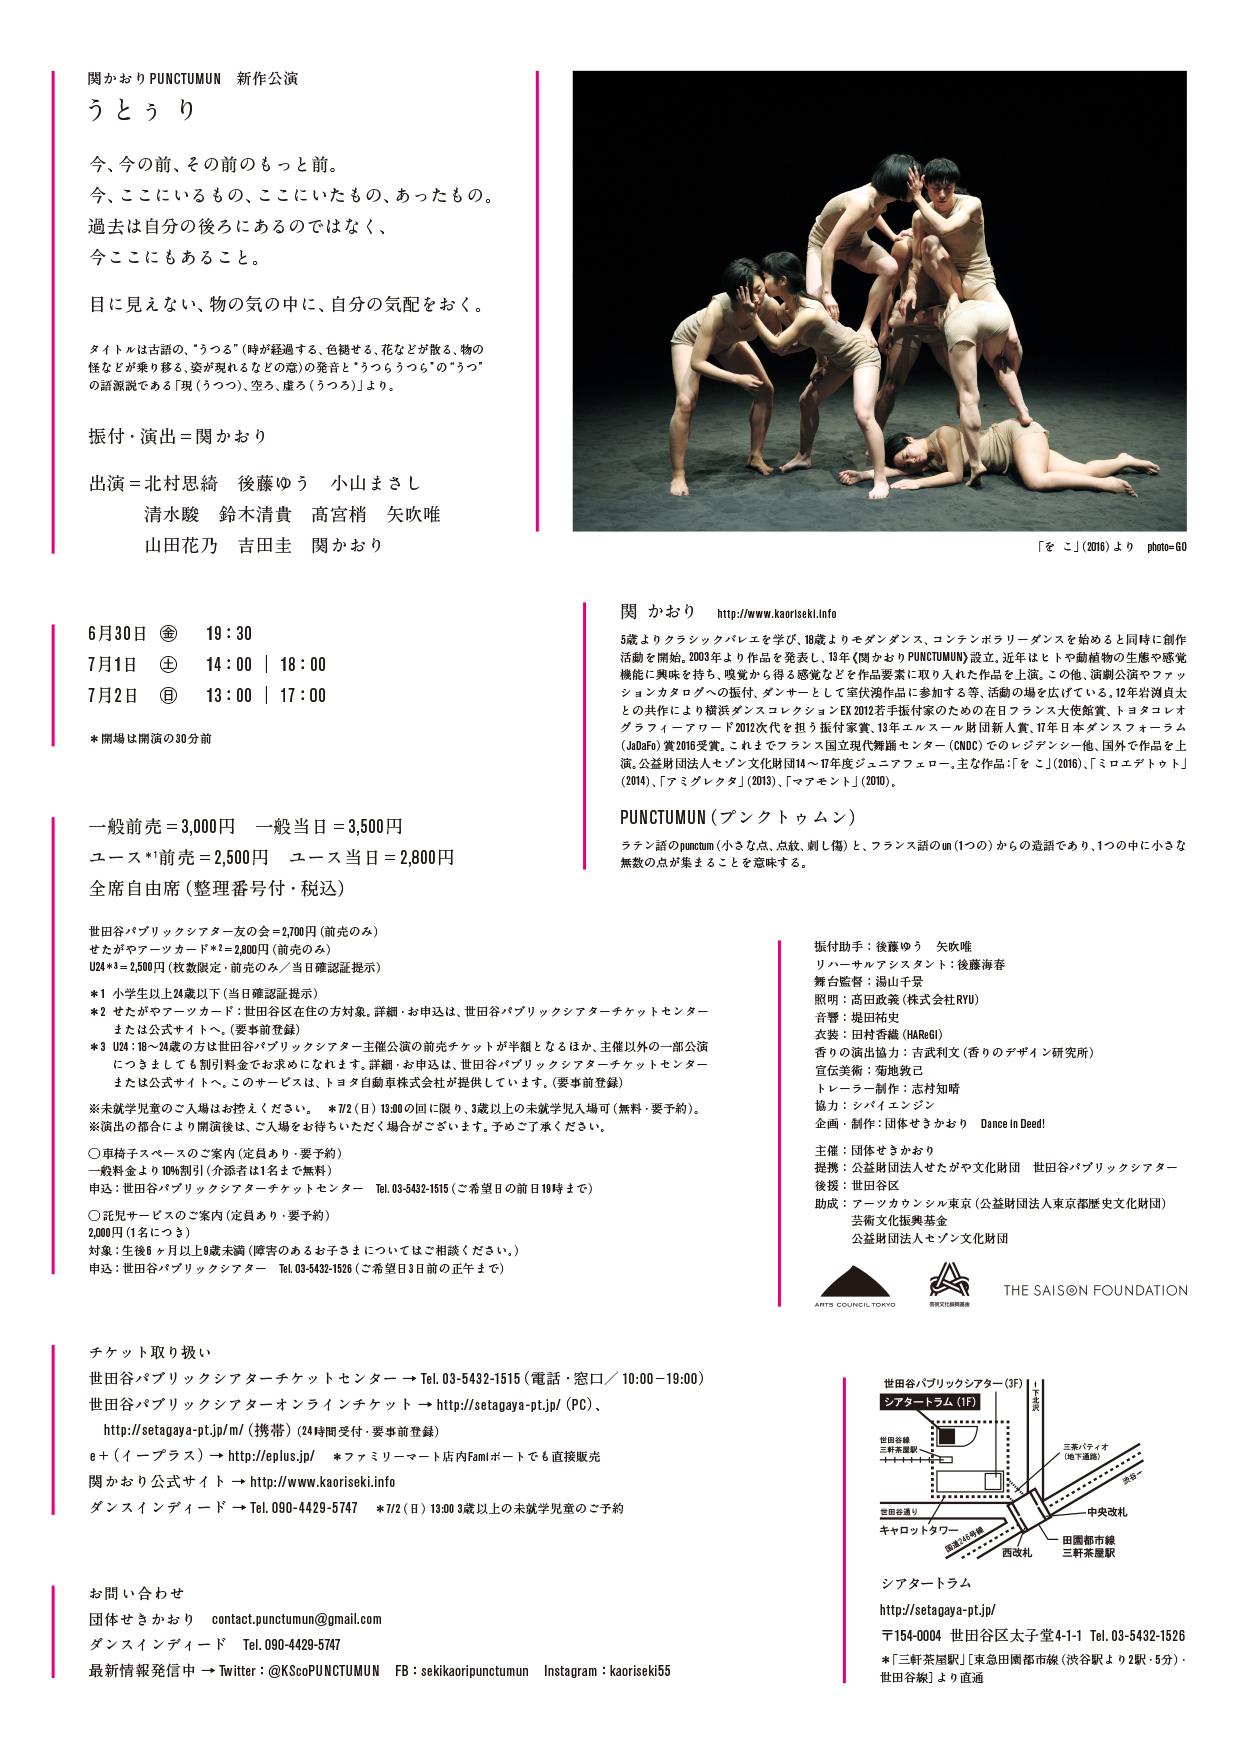 関かおりPUNCTUMUN 新作公演←終了しました。